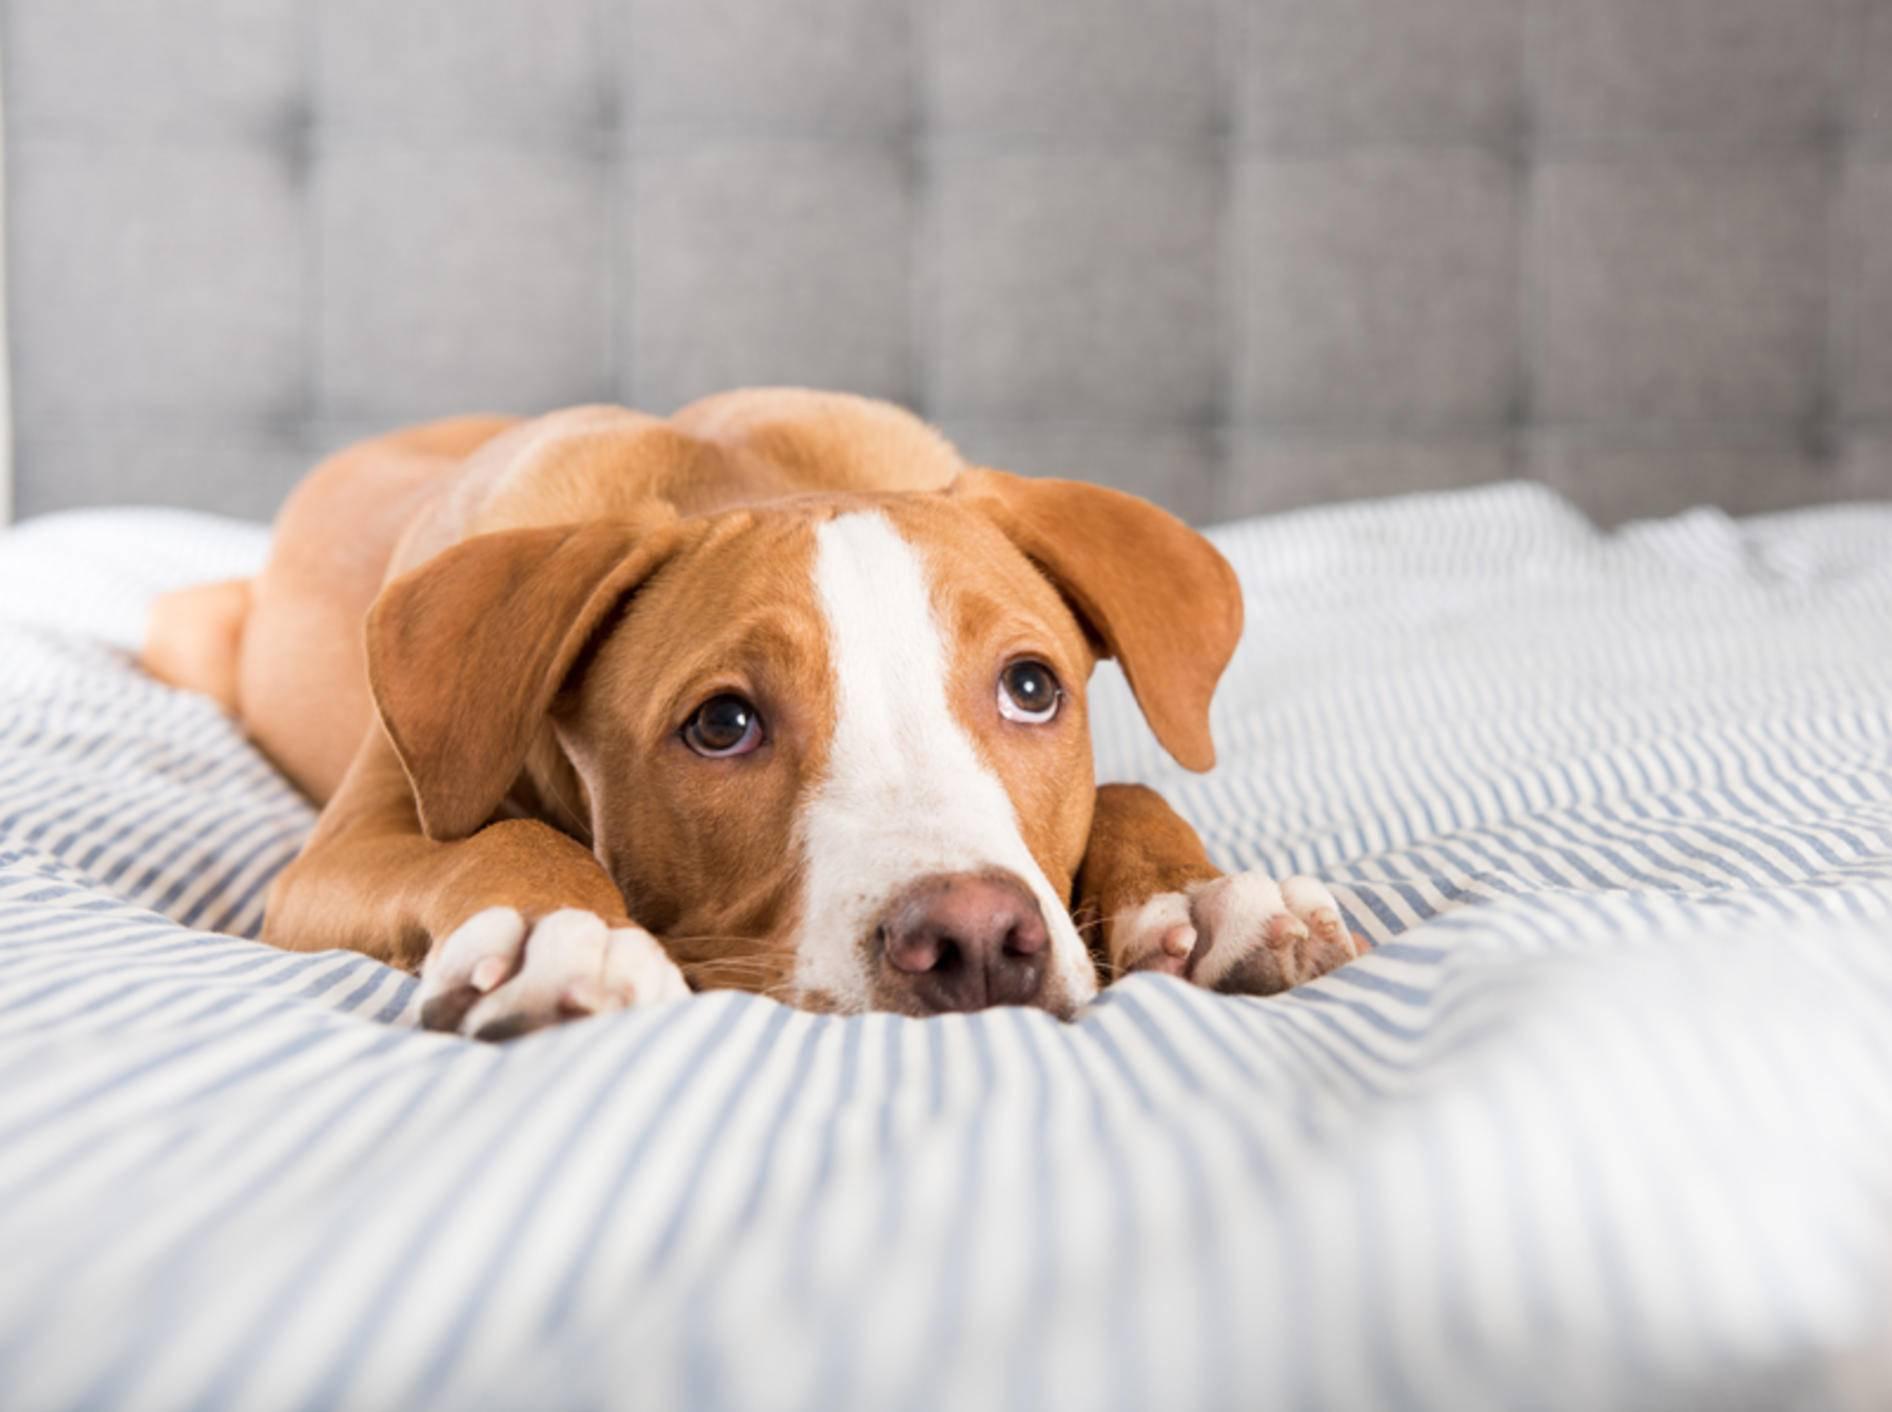 Ist ein Hund, der stinkt, krank oder ist das normal? – Shutterstock / Anna Hoychuk